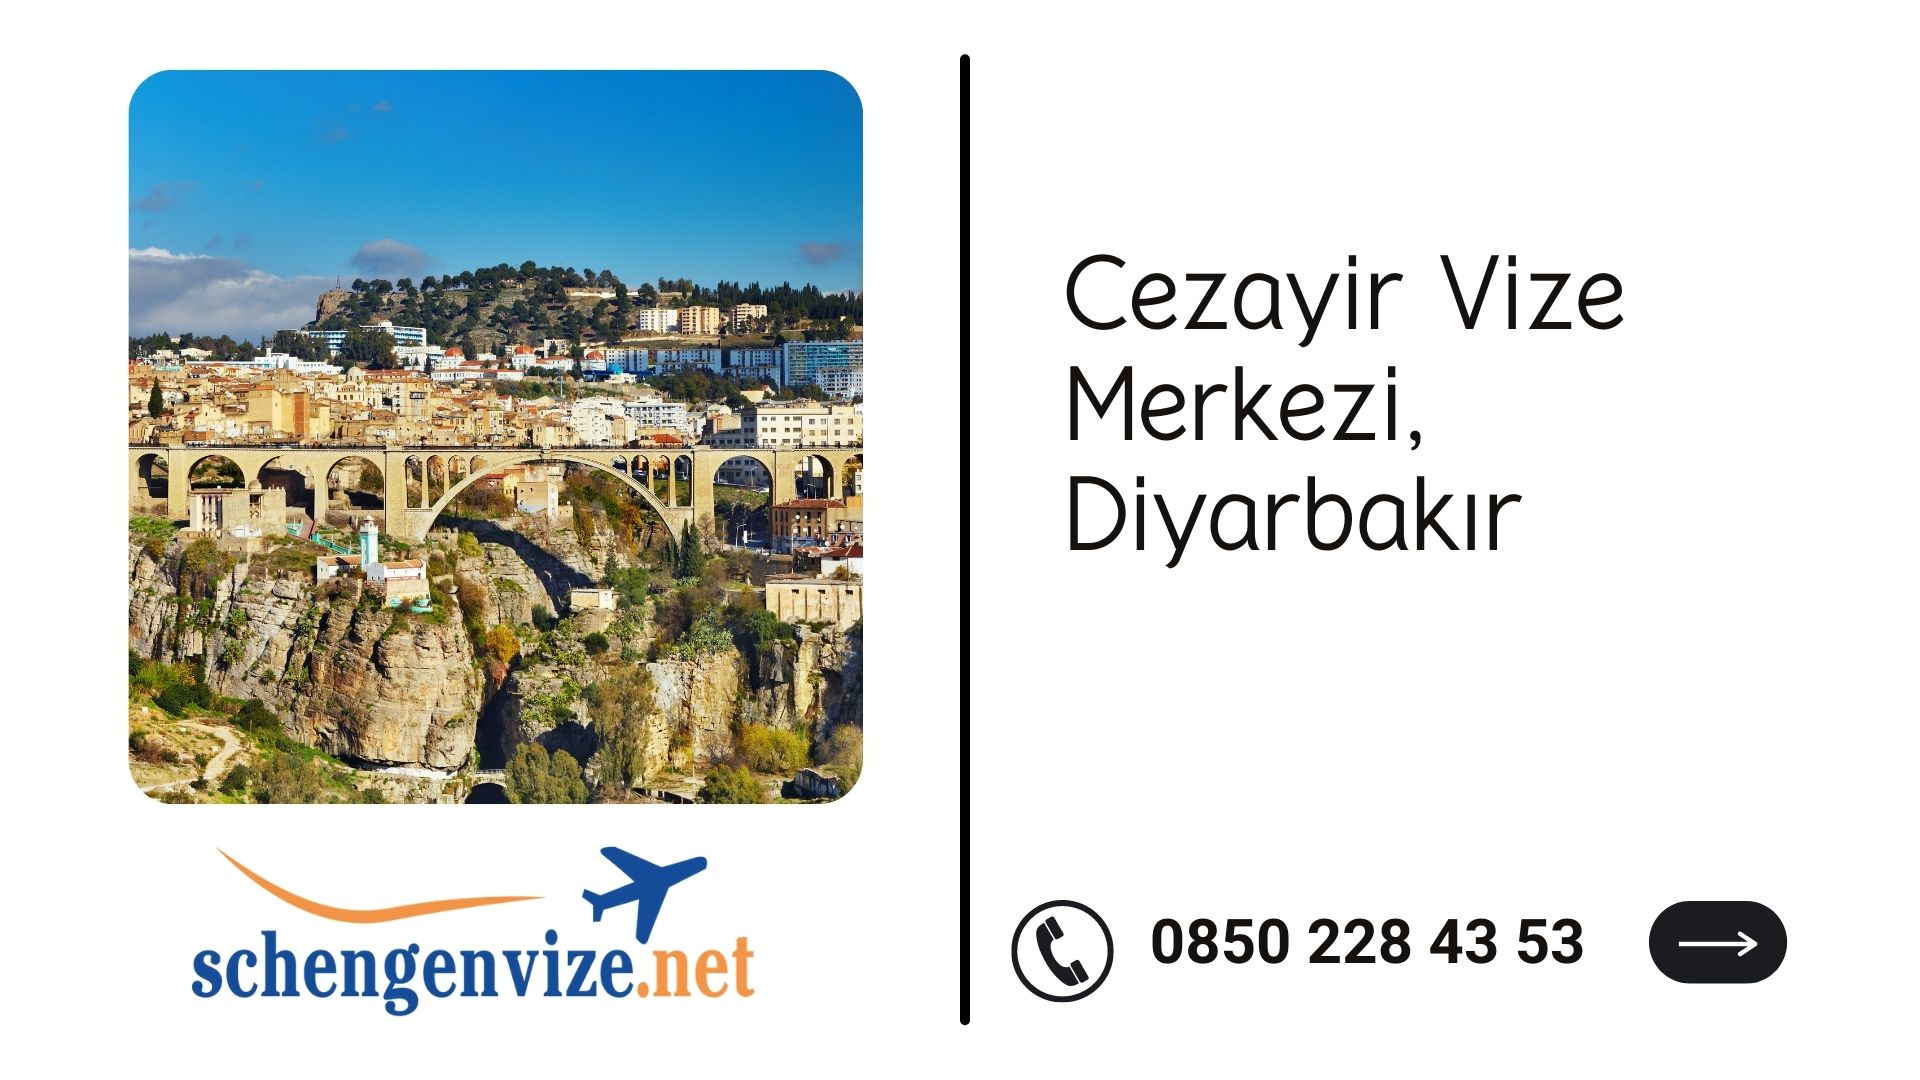 Cezayir Vize Merkezi, Diyarbakır